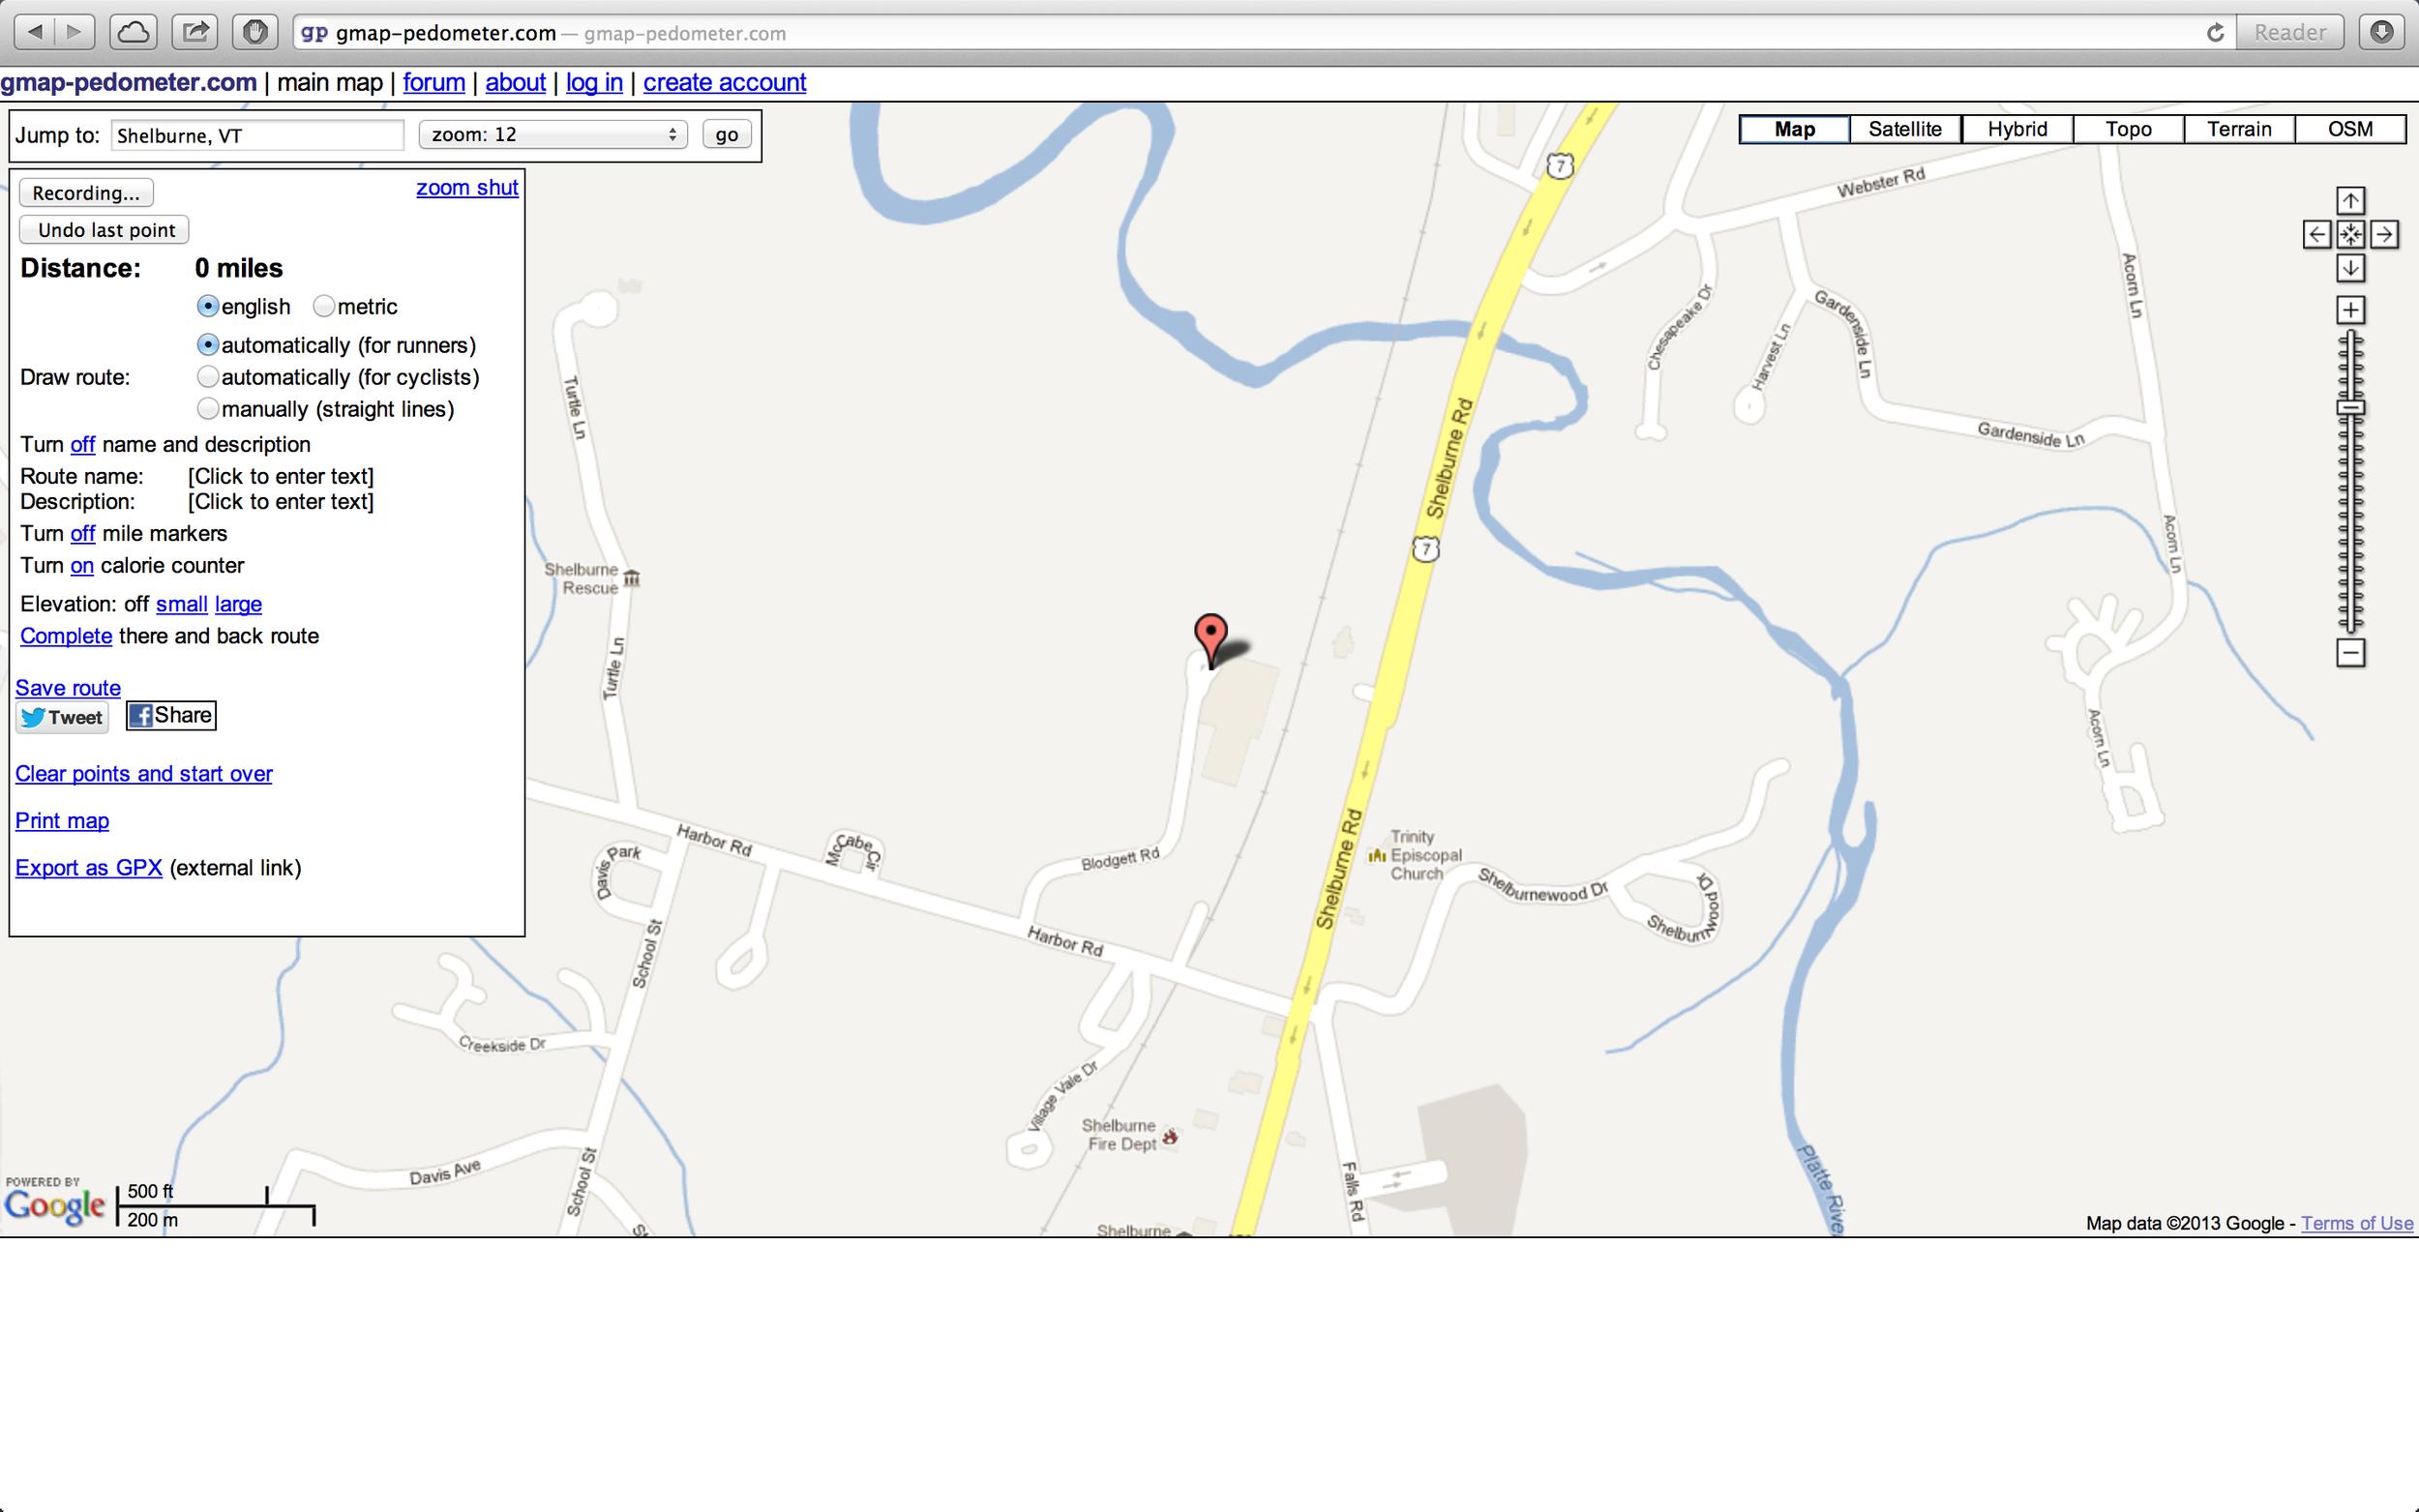 Screen Shot 2013-03-29 at 4.50.14 PM.png